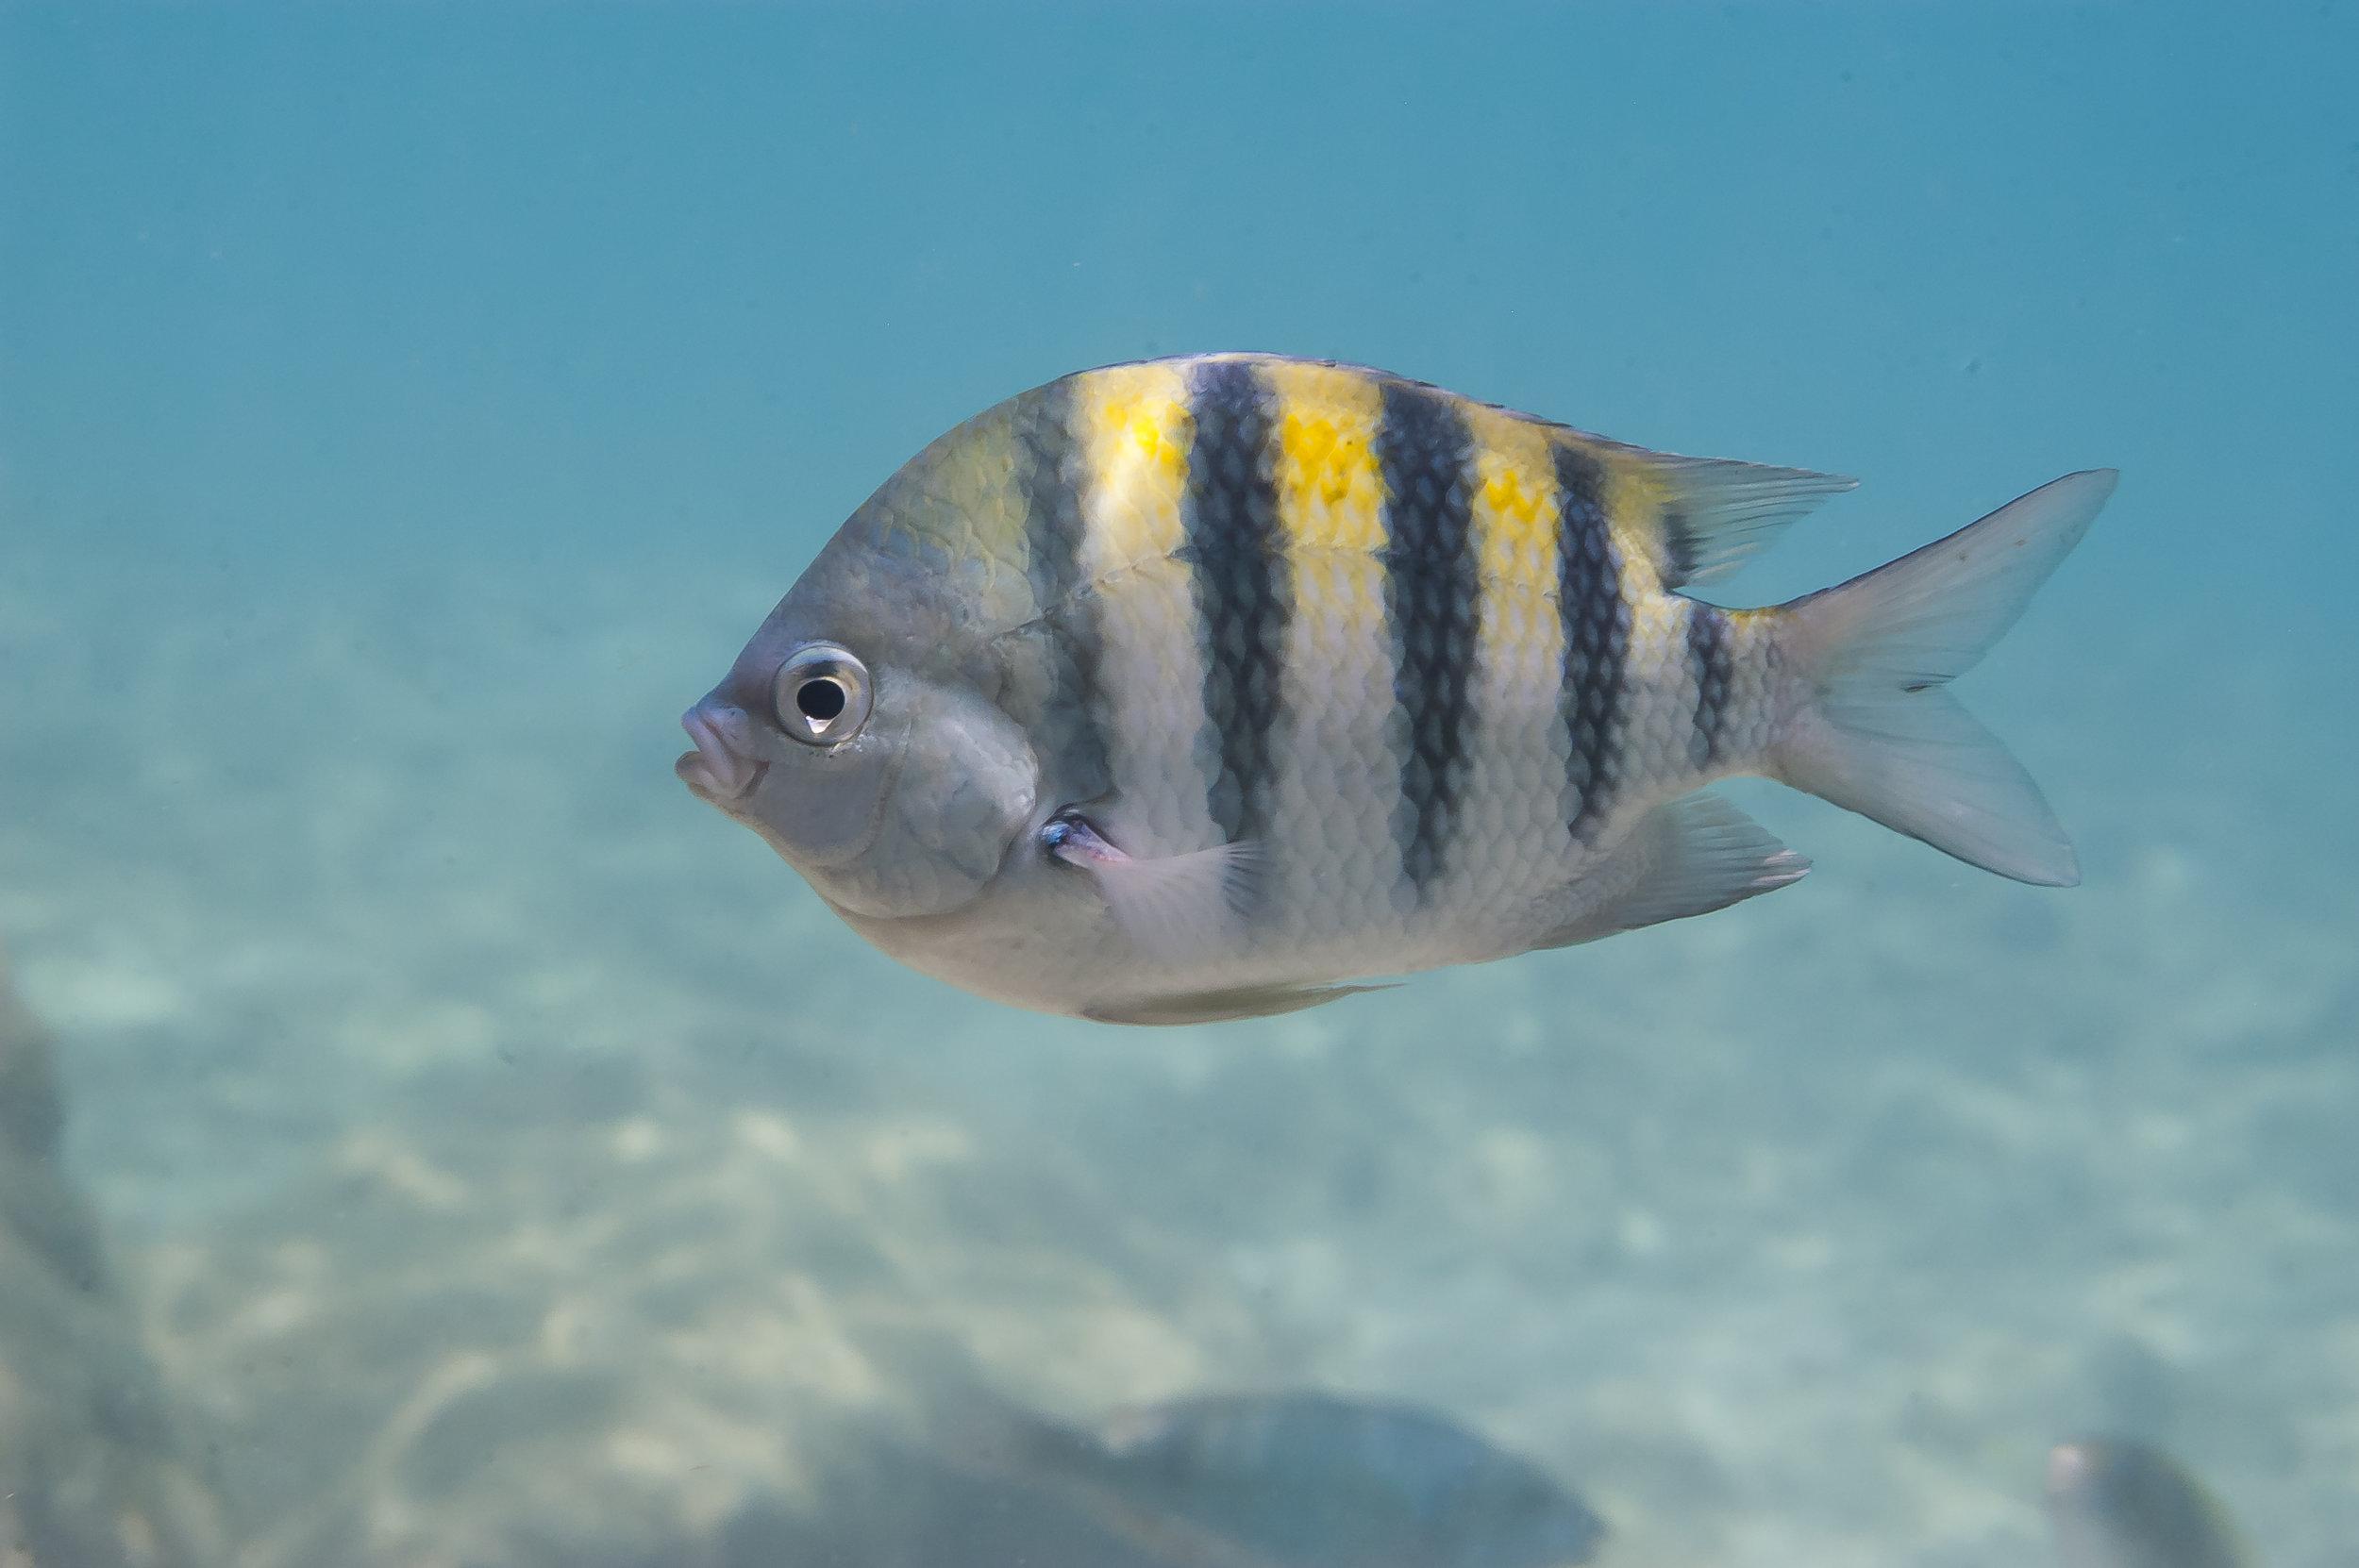 Betoverende natuur - Curaçao betovert: kristalhelder water met een aangename temperatuur, schilderachtige koralen en tropische vissen in alle kleuren.